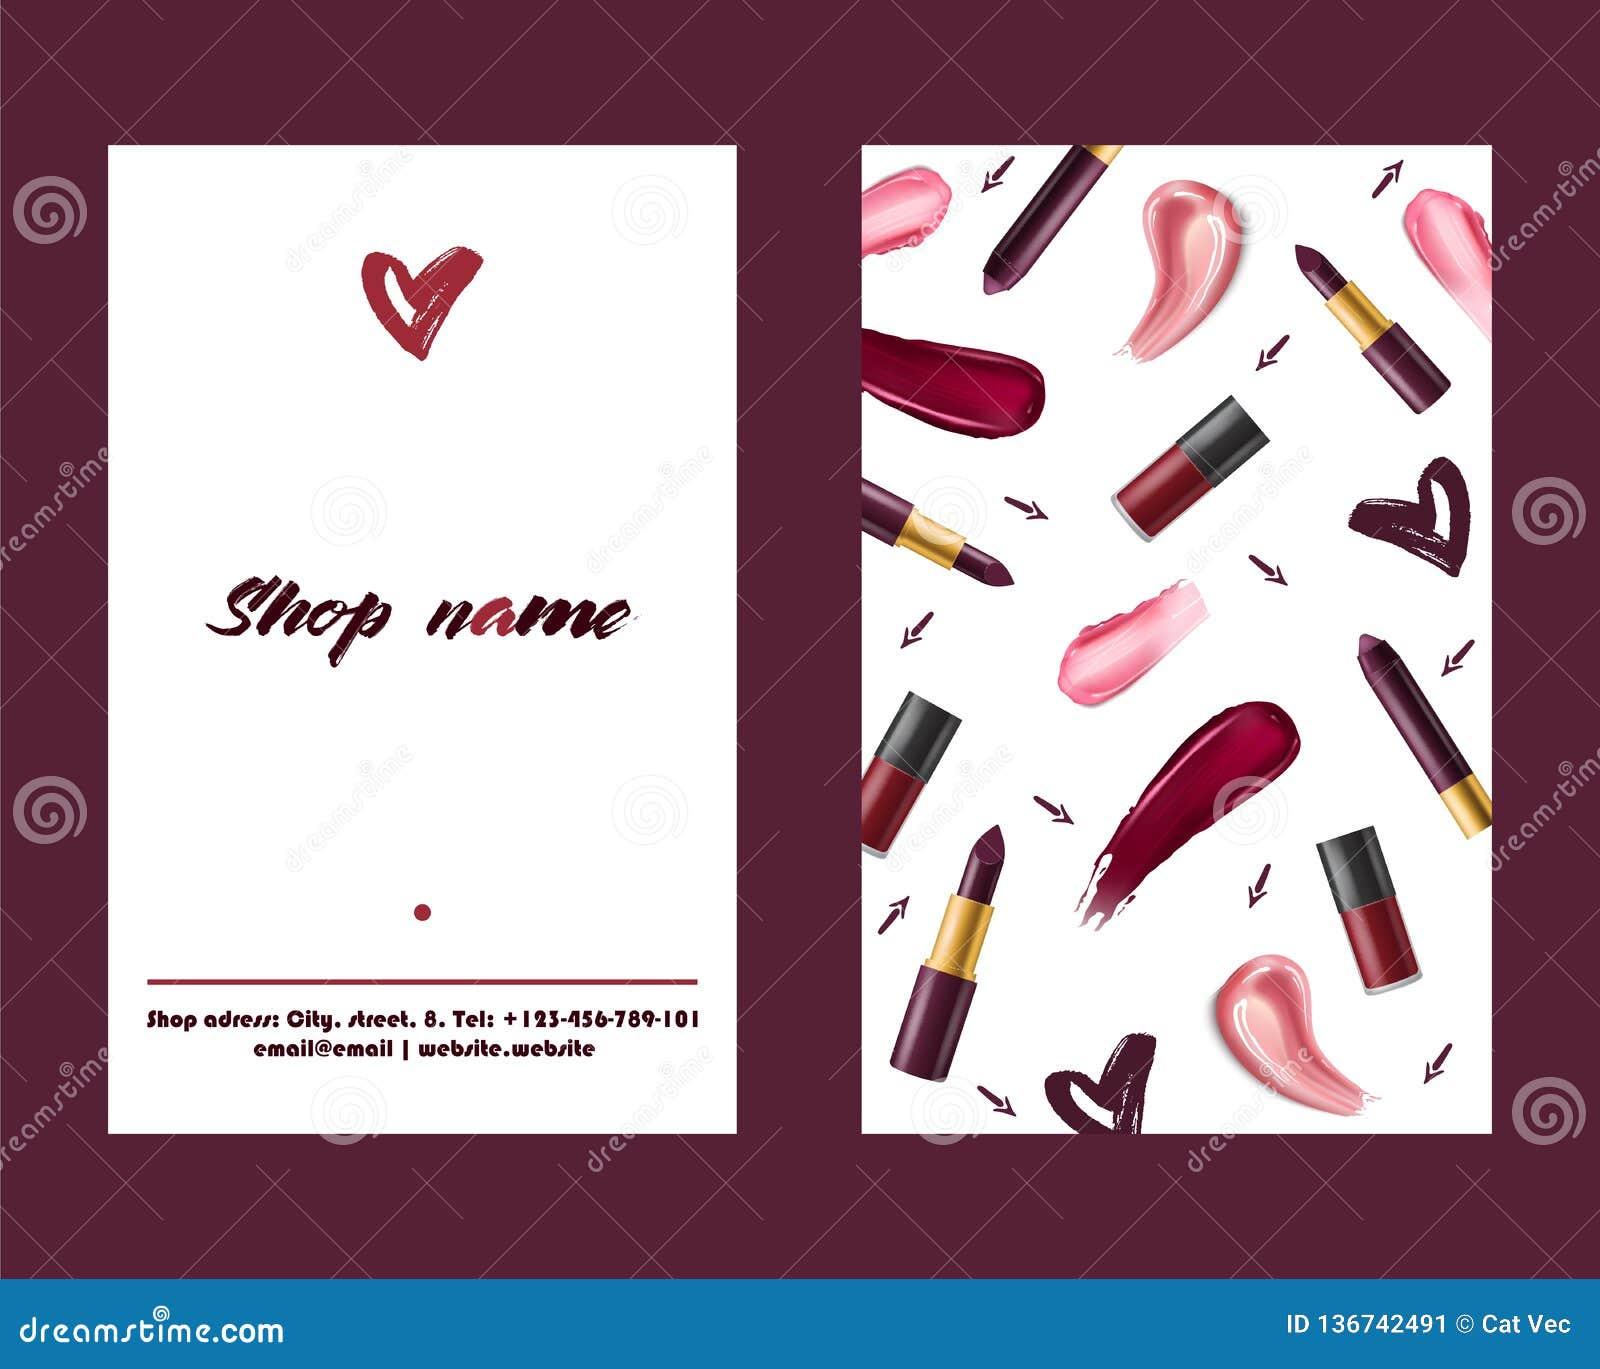 Bakgrunden in för illustrationen för konst för makeup för kanten för lipgloss för härligt mode för röd färg för läppstiftmodellve